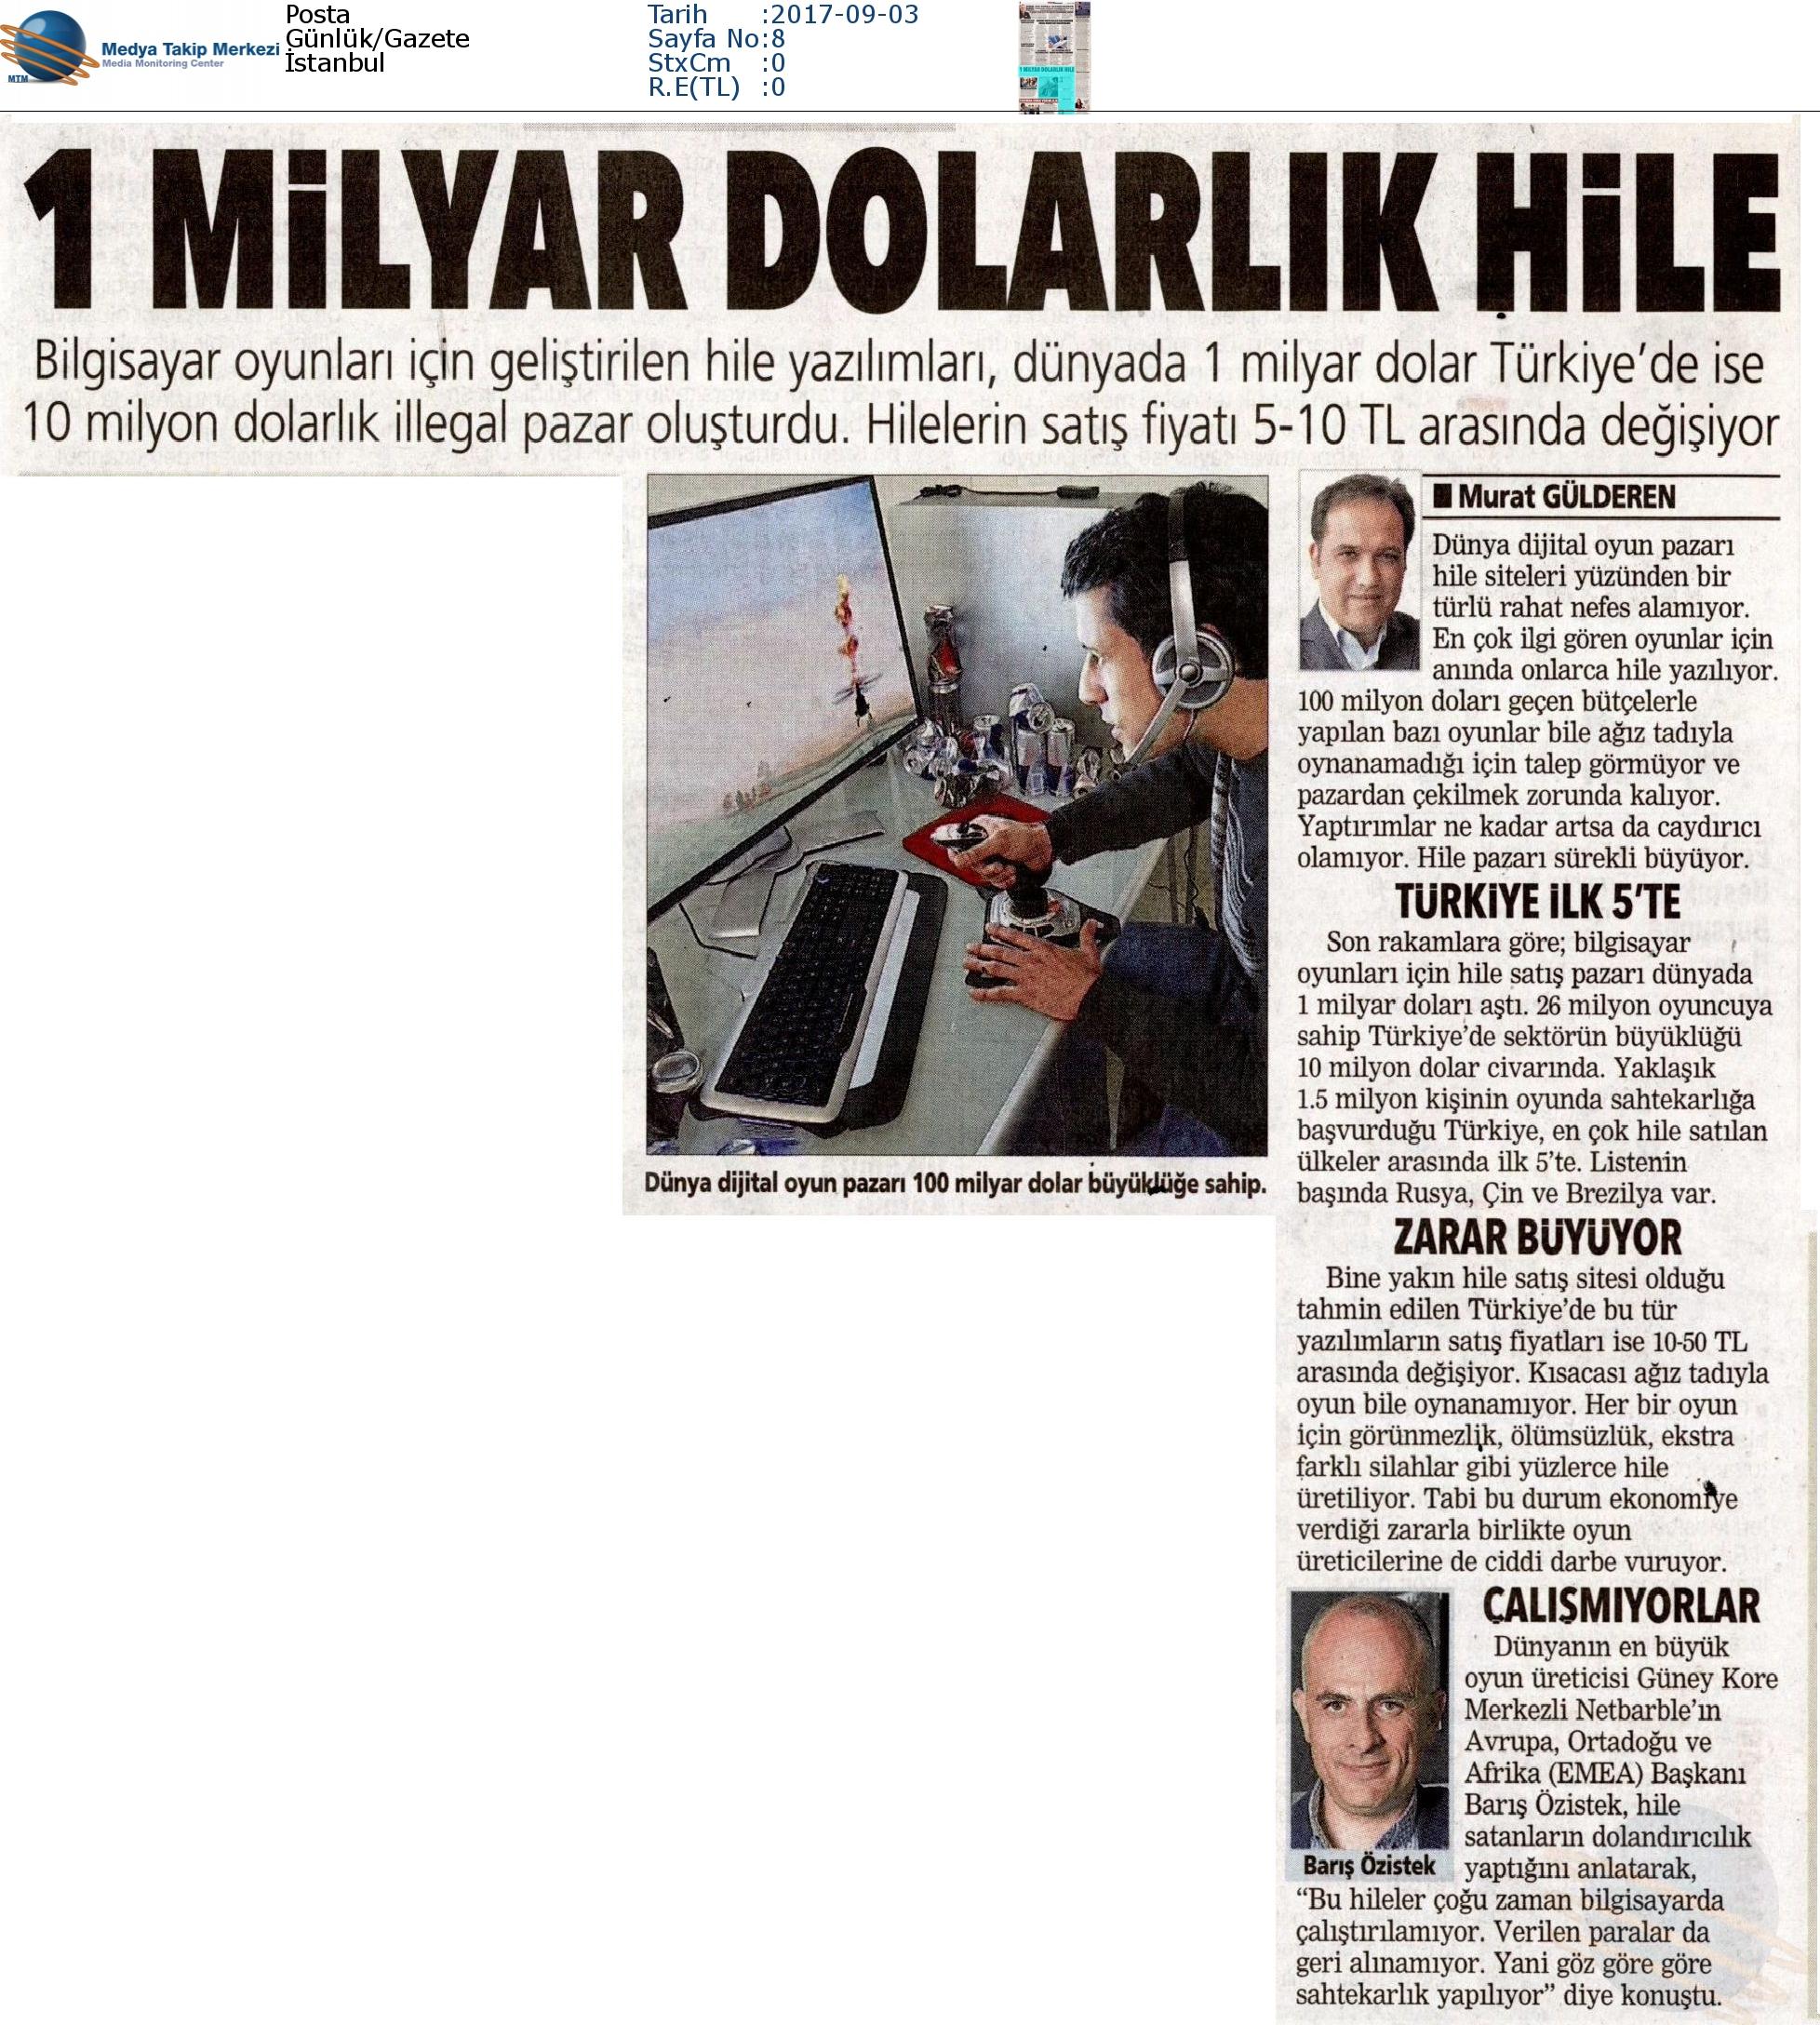 Posta Gazetesinde 1 Milyar Dolarlık Hile